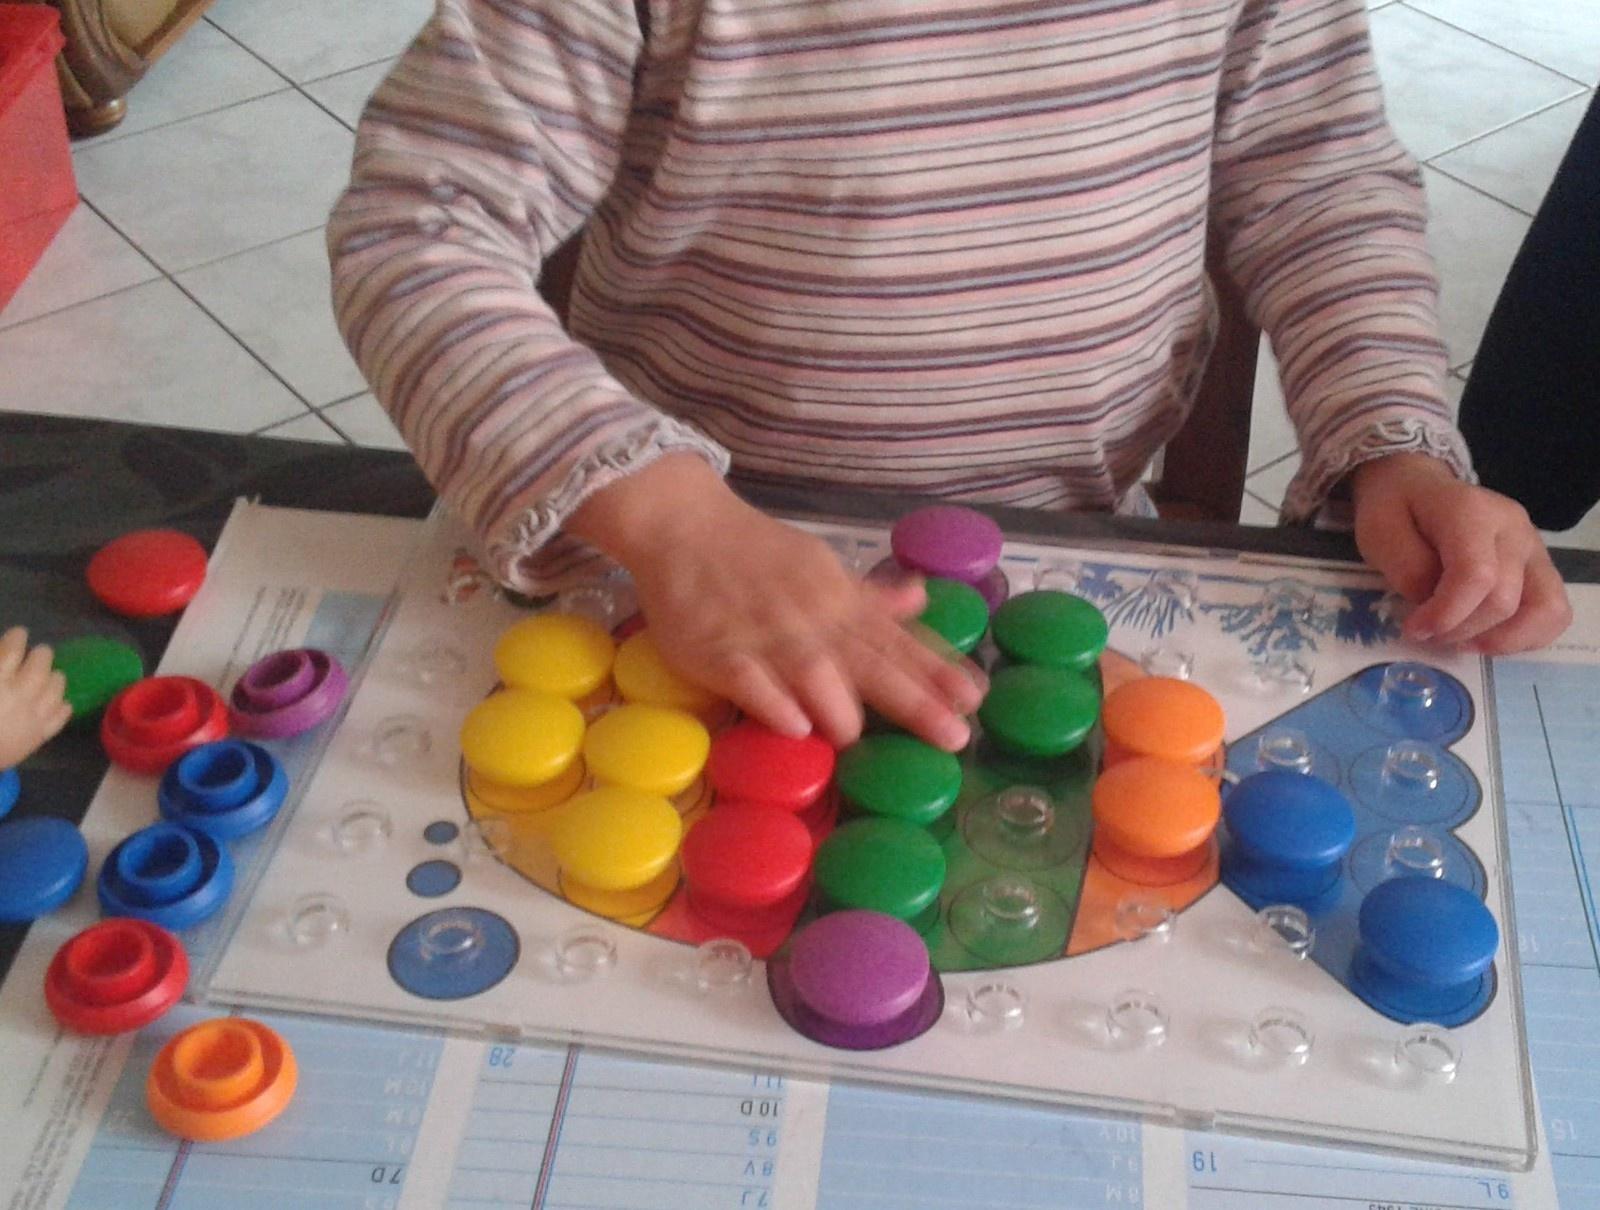 Activité Ludique - Assistante Maternelle Agréée À Equeurdreville encequiconcerne Activité Ludique Maternelle